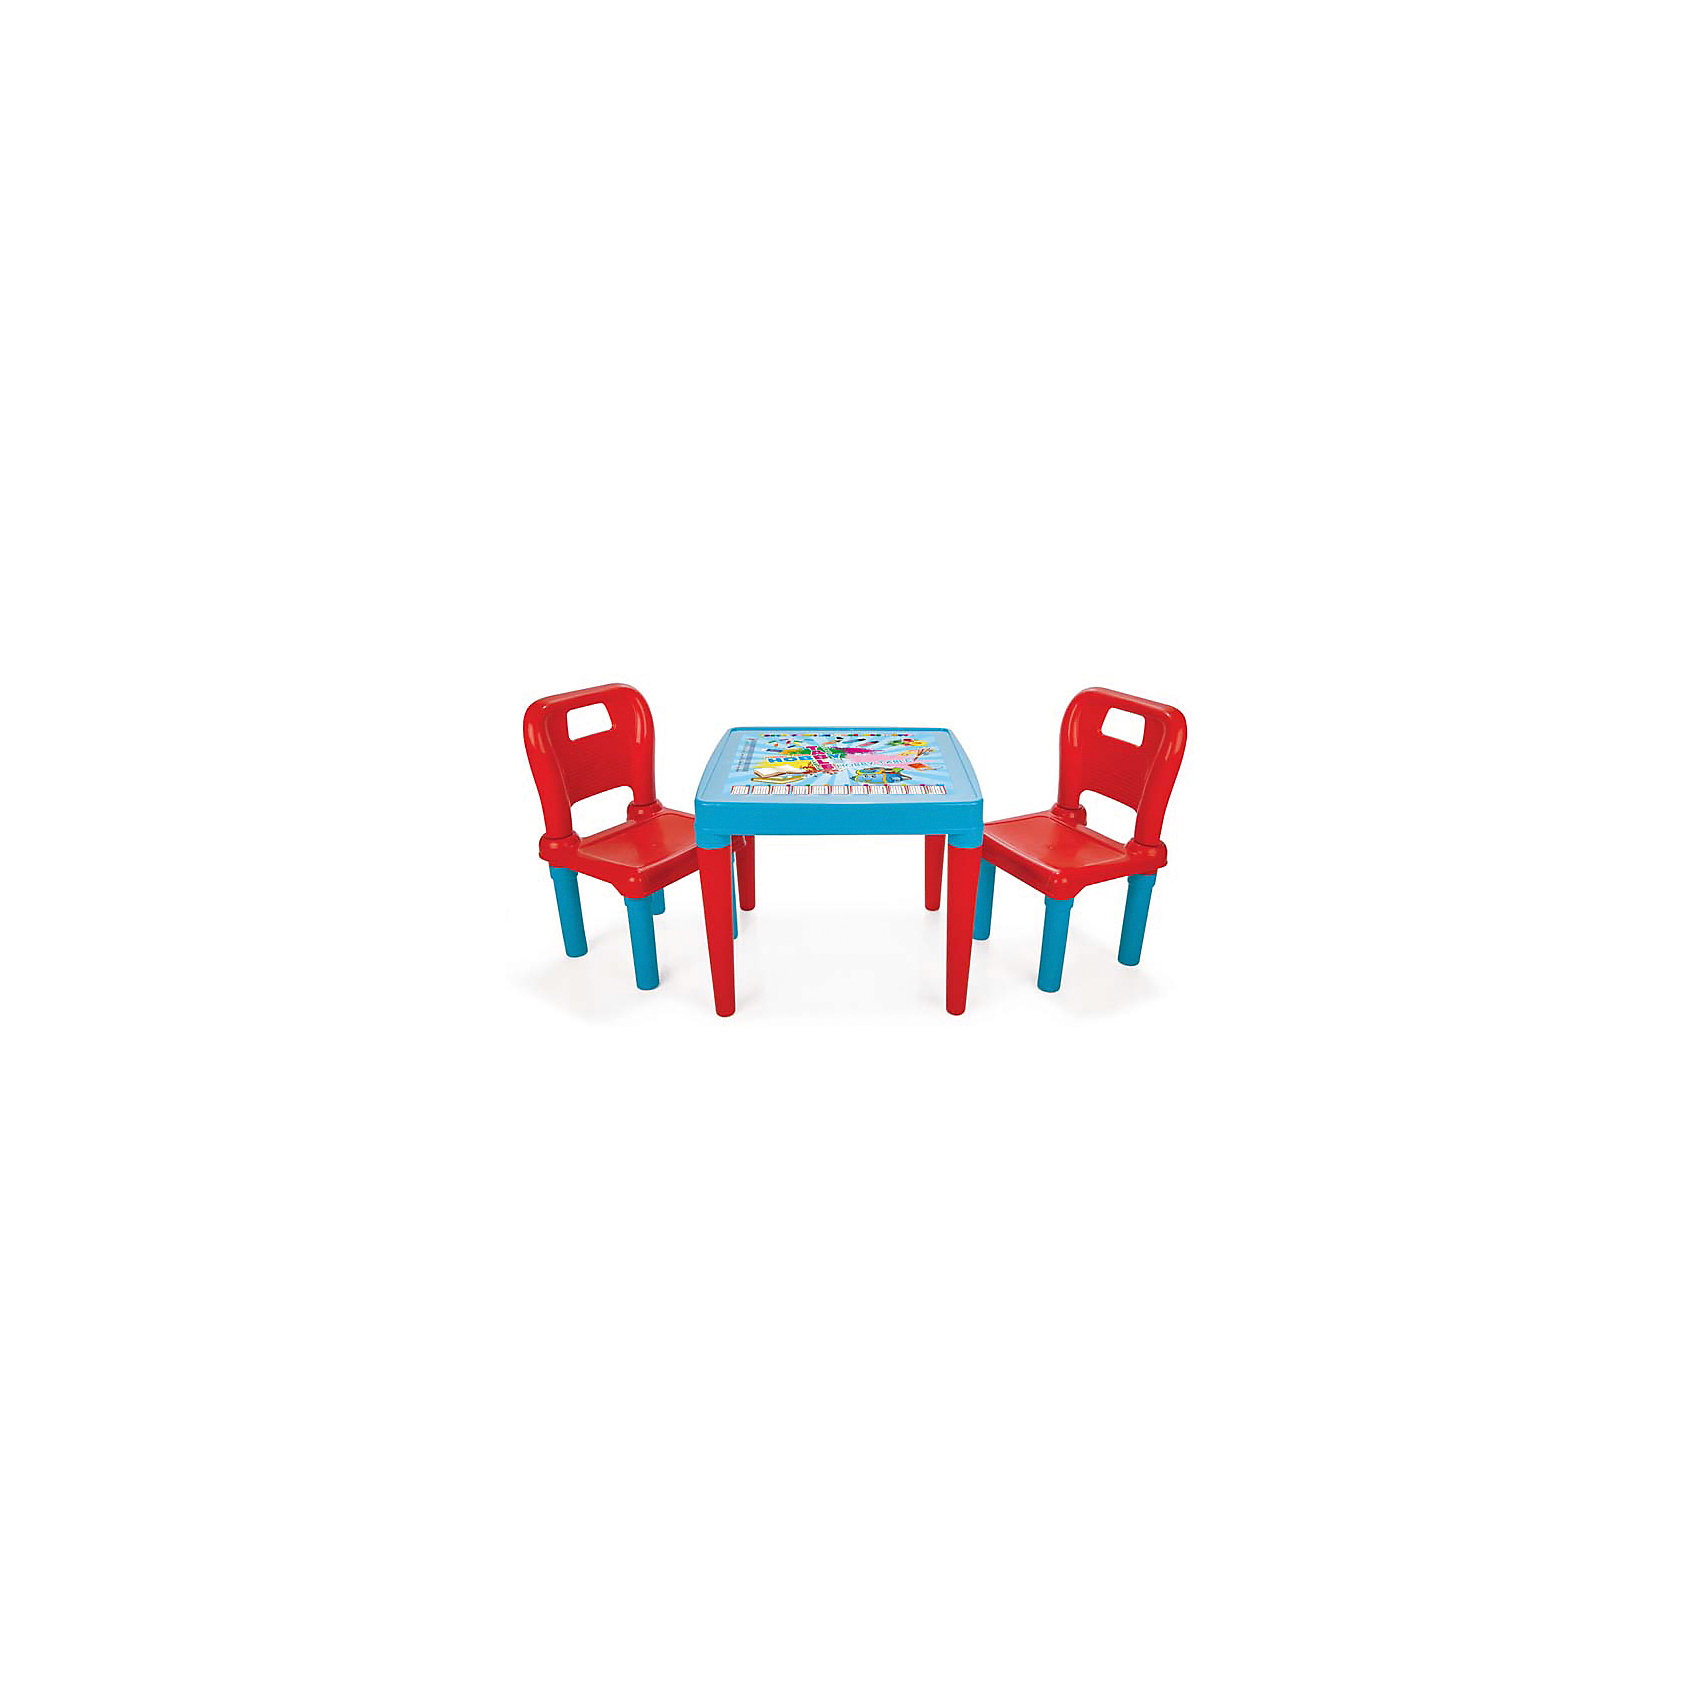 Столик с двумя стульчиками Menekse &amp; Hobby, PILSANСтолик с двумя стульчиками Menekse &amp; Hobby, PILSAN (Пилсан)<br><br>Характеристики:<br><br>• легко собирается<br>• стол декорирован яркой картинкой<br>• высокая устойчивость<br>• изготовлены из прочных безопасных материалов<br>• в комплекте: стол, 2 стула<br>• размер стола: 64,5х64,5х50 см<br>• размер стула: 30х32х52,5 см<br>• размер упаковки: 51х50х18 СМ<br>• вес: 3,4 КГ<br><br>Ребенок с удовольствием приступит к развивающим и творческим занятиям, если у него есть красивое рабочее место. Набор Menekse &amp; Hobby состоит из стола и двух стульчиков яркой расцветки. Они изготовлены из качественного прочного пластика, безопасного для детского здоровья. Столик и стулья легко собираются. Столешница декорирована яркой картинкой для привлечения внимания малыша. Набор отлично подходит для занятий, творчества и настольных игр.<br><br>Столик с двумя стульчиками Menekse &amp; Hobby, PILSAN (Пилсан) можно купить в нашем интернет-магазине.<br><br>Ширина мм: 180<br>Глубина мм: 500<br>Высота мм: 510<br>Вес г: 3400<br>Возраст от месяцев: 36<br>Возраст до месяцев: 120<br>Пол: Унисекс<br>Возраст: Детский<br>SKU: 5512011